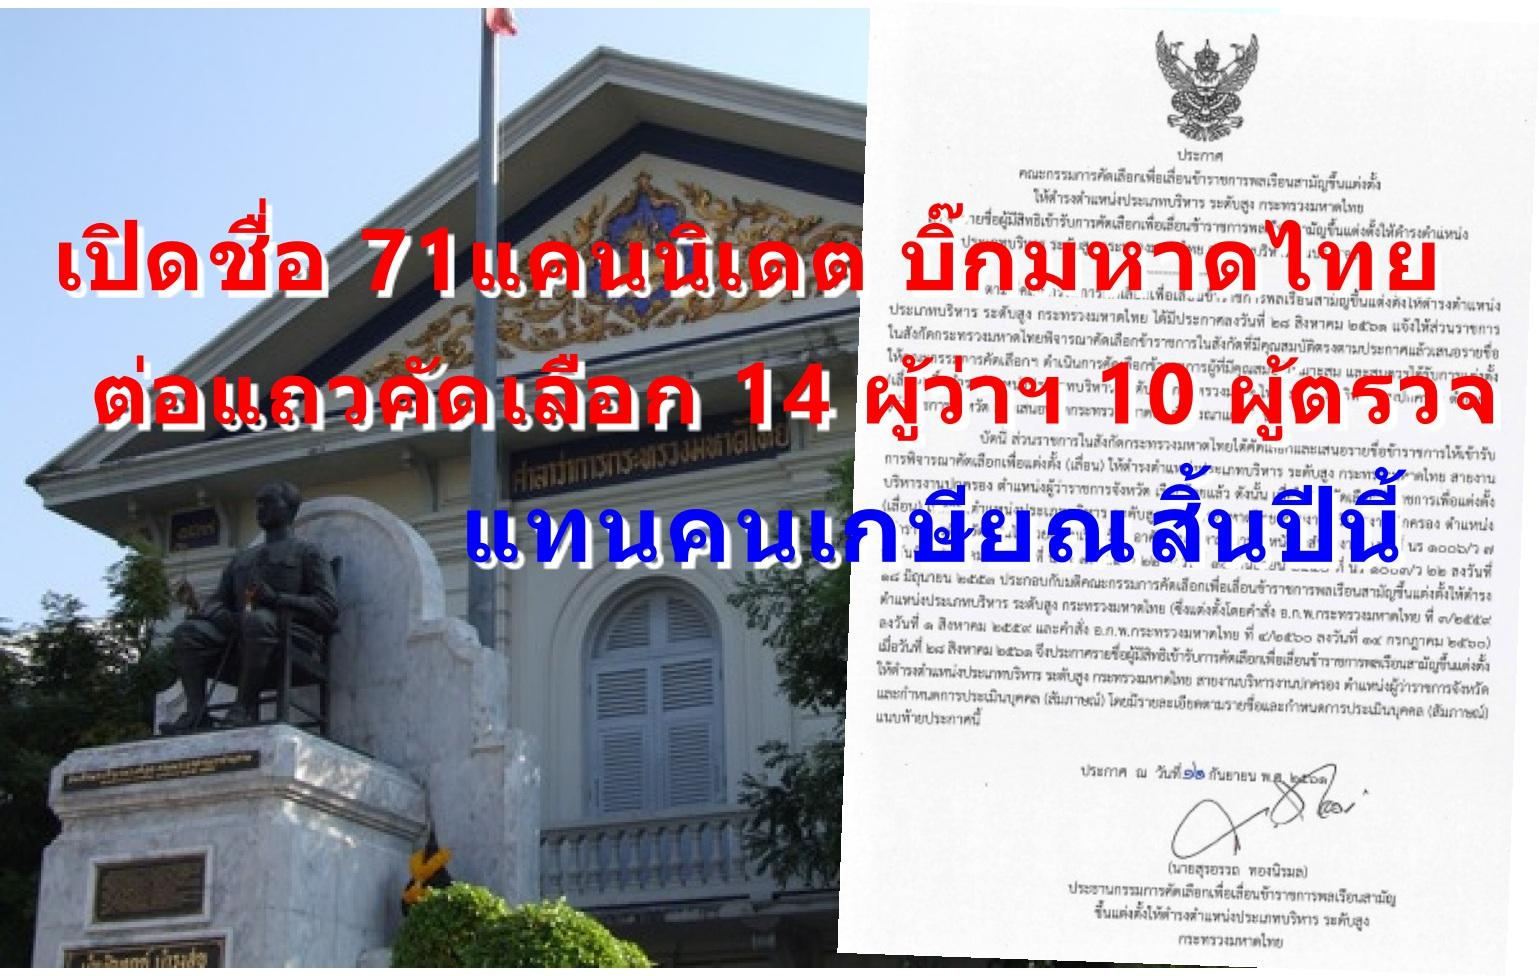 เปิดชื่อ 71 แคนนิเดต บิ๊กมหาดไทย ต่อแถวคัดเลือก 14 ผู้ว่าฯ 10 ผู้ตรวจ แทนคนเกษียณสิ้นปีนี้